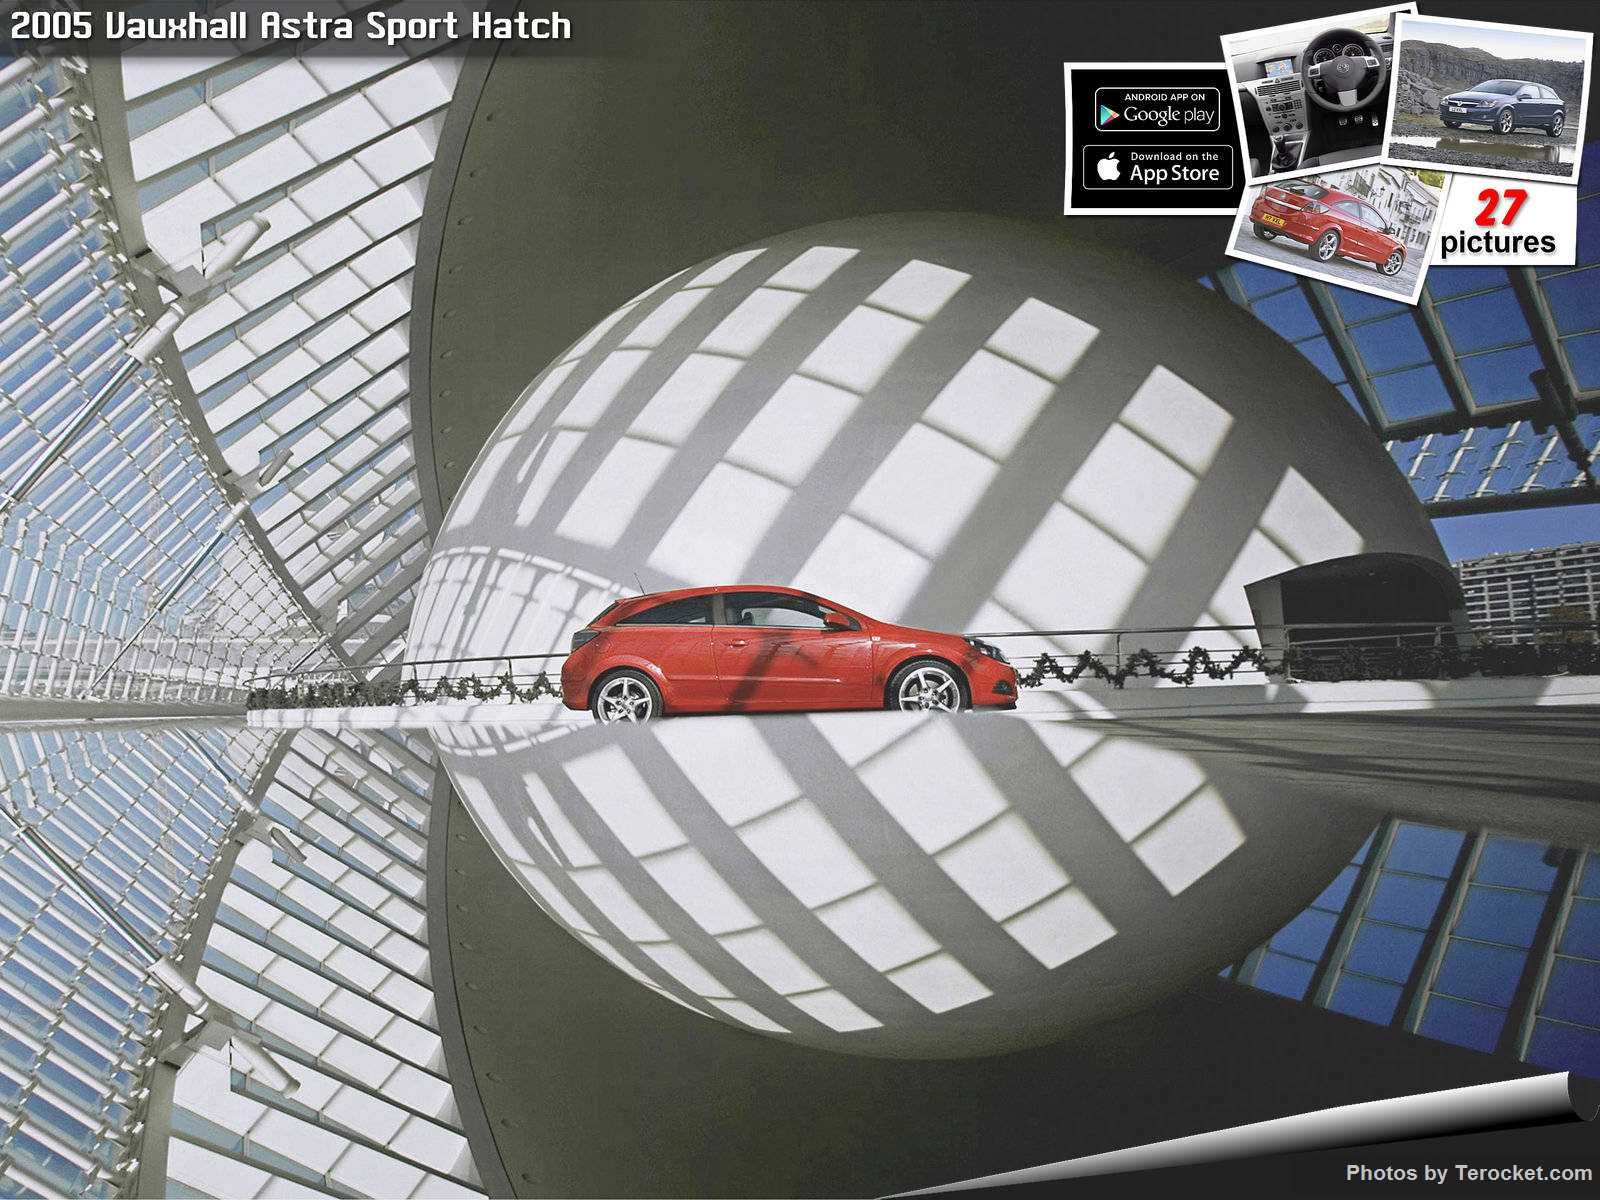 Hình ảnh xe ô tô Vauxhall Astra Sport Hatch 2005 & nội ngoại thất